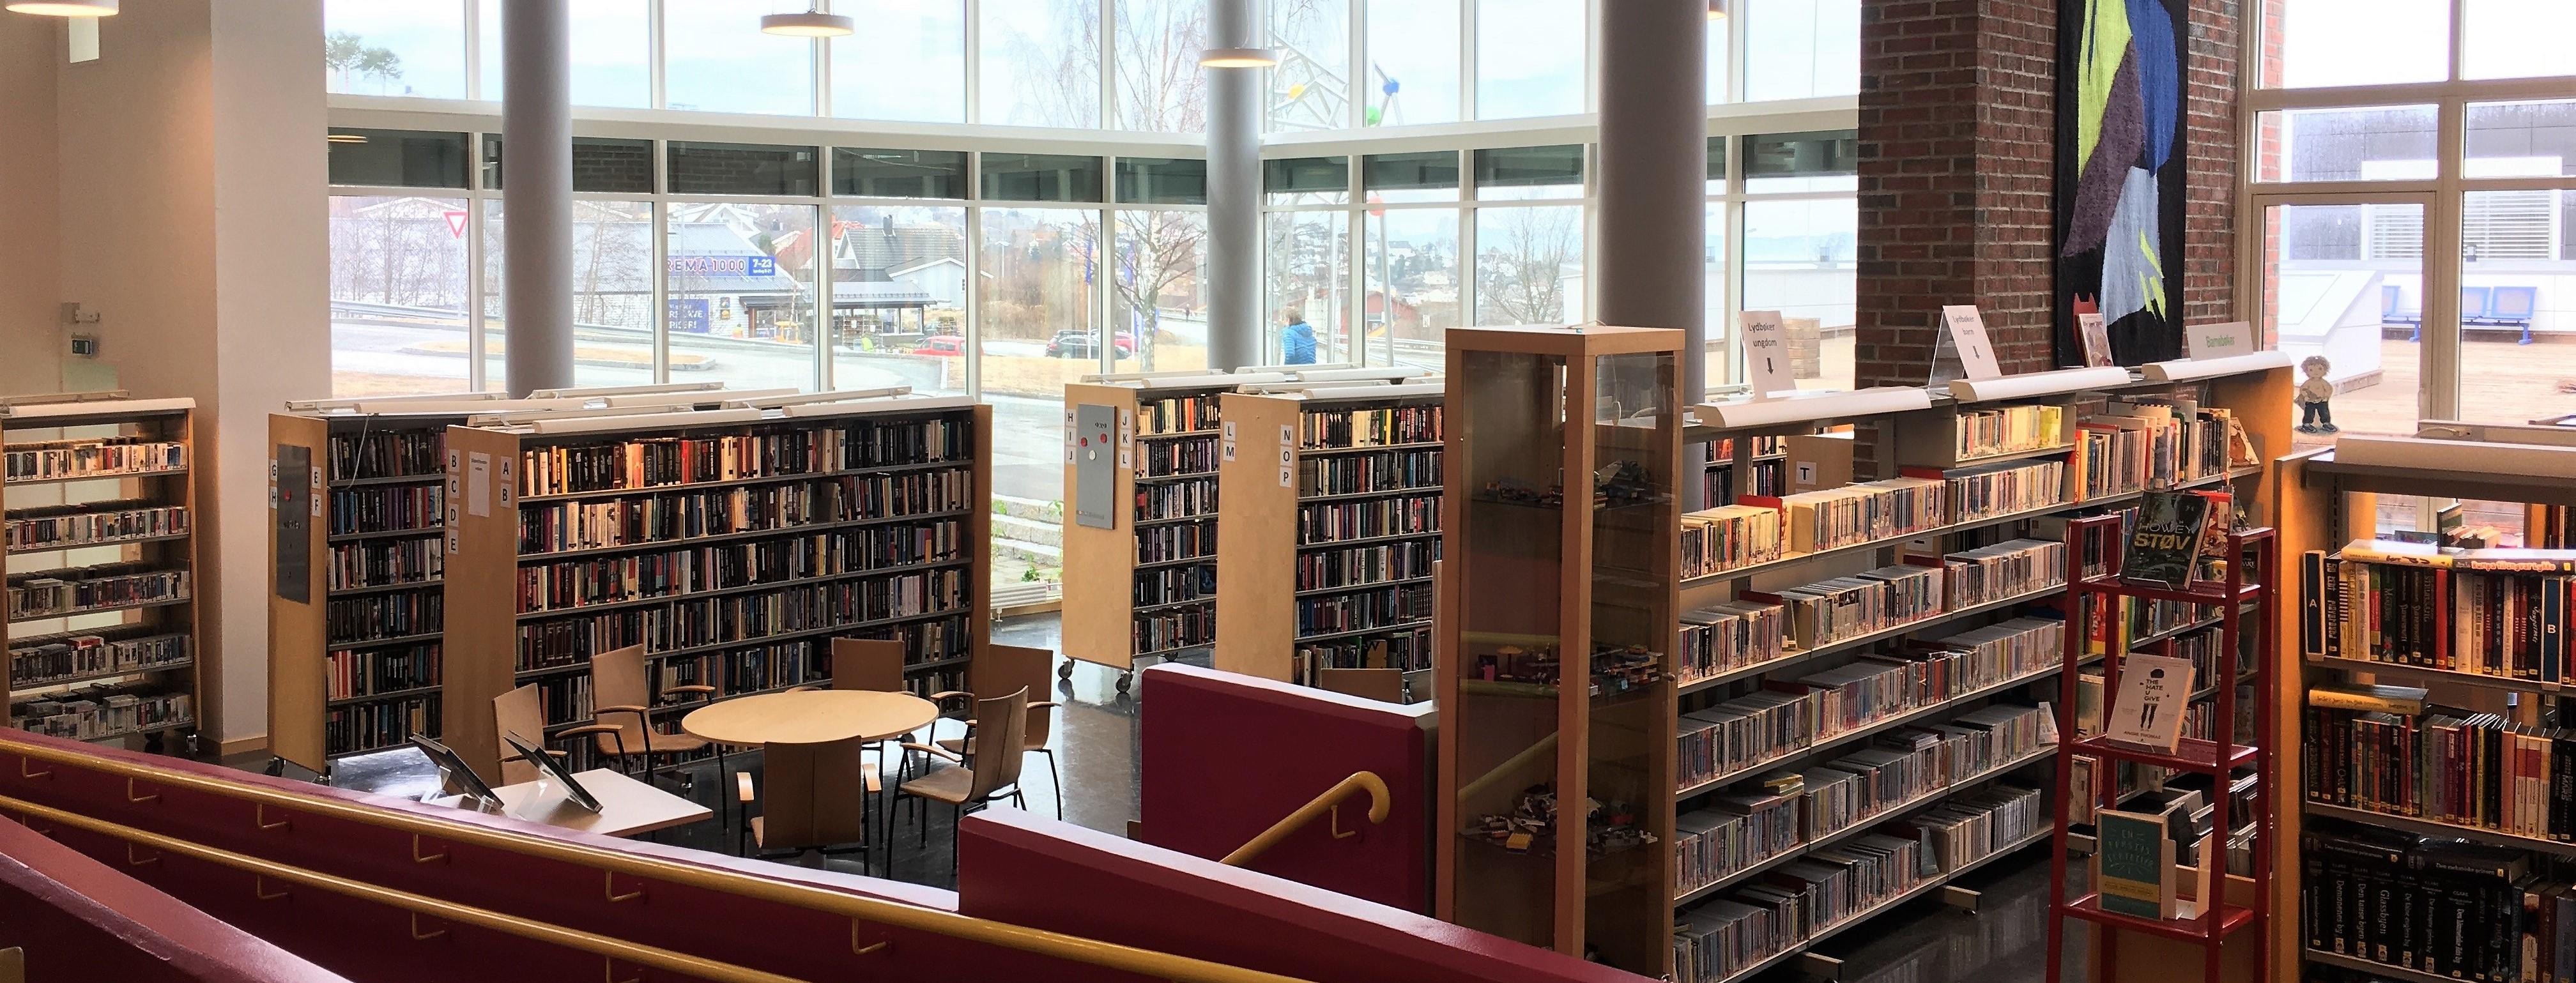 Bilde av biblioteket på Vikhammer